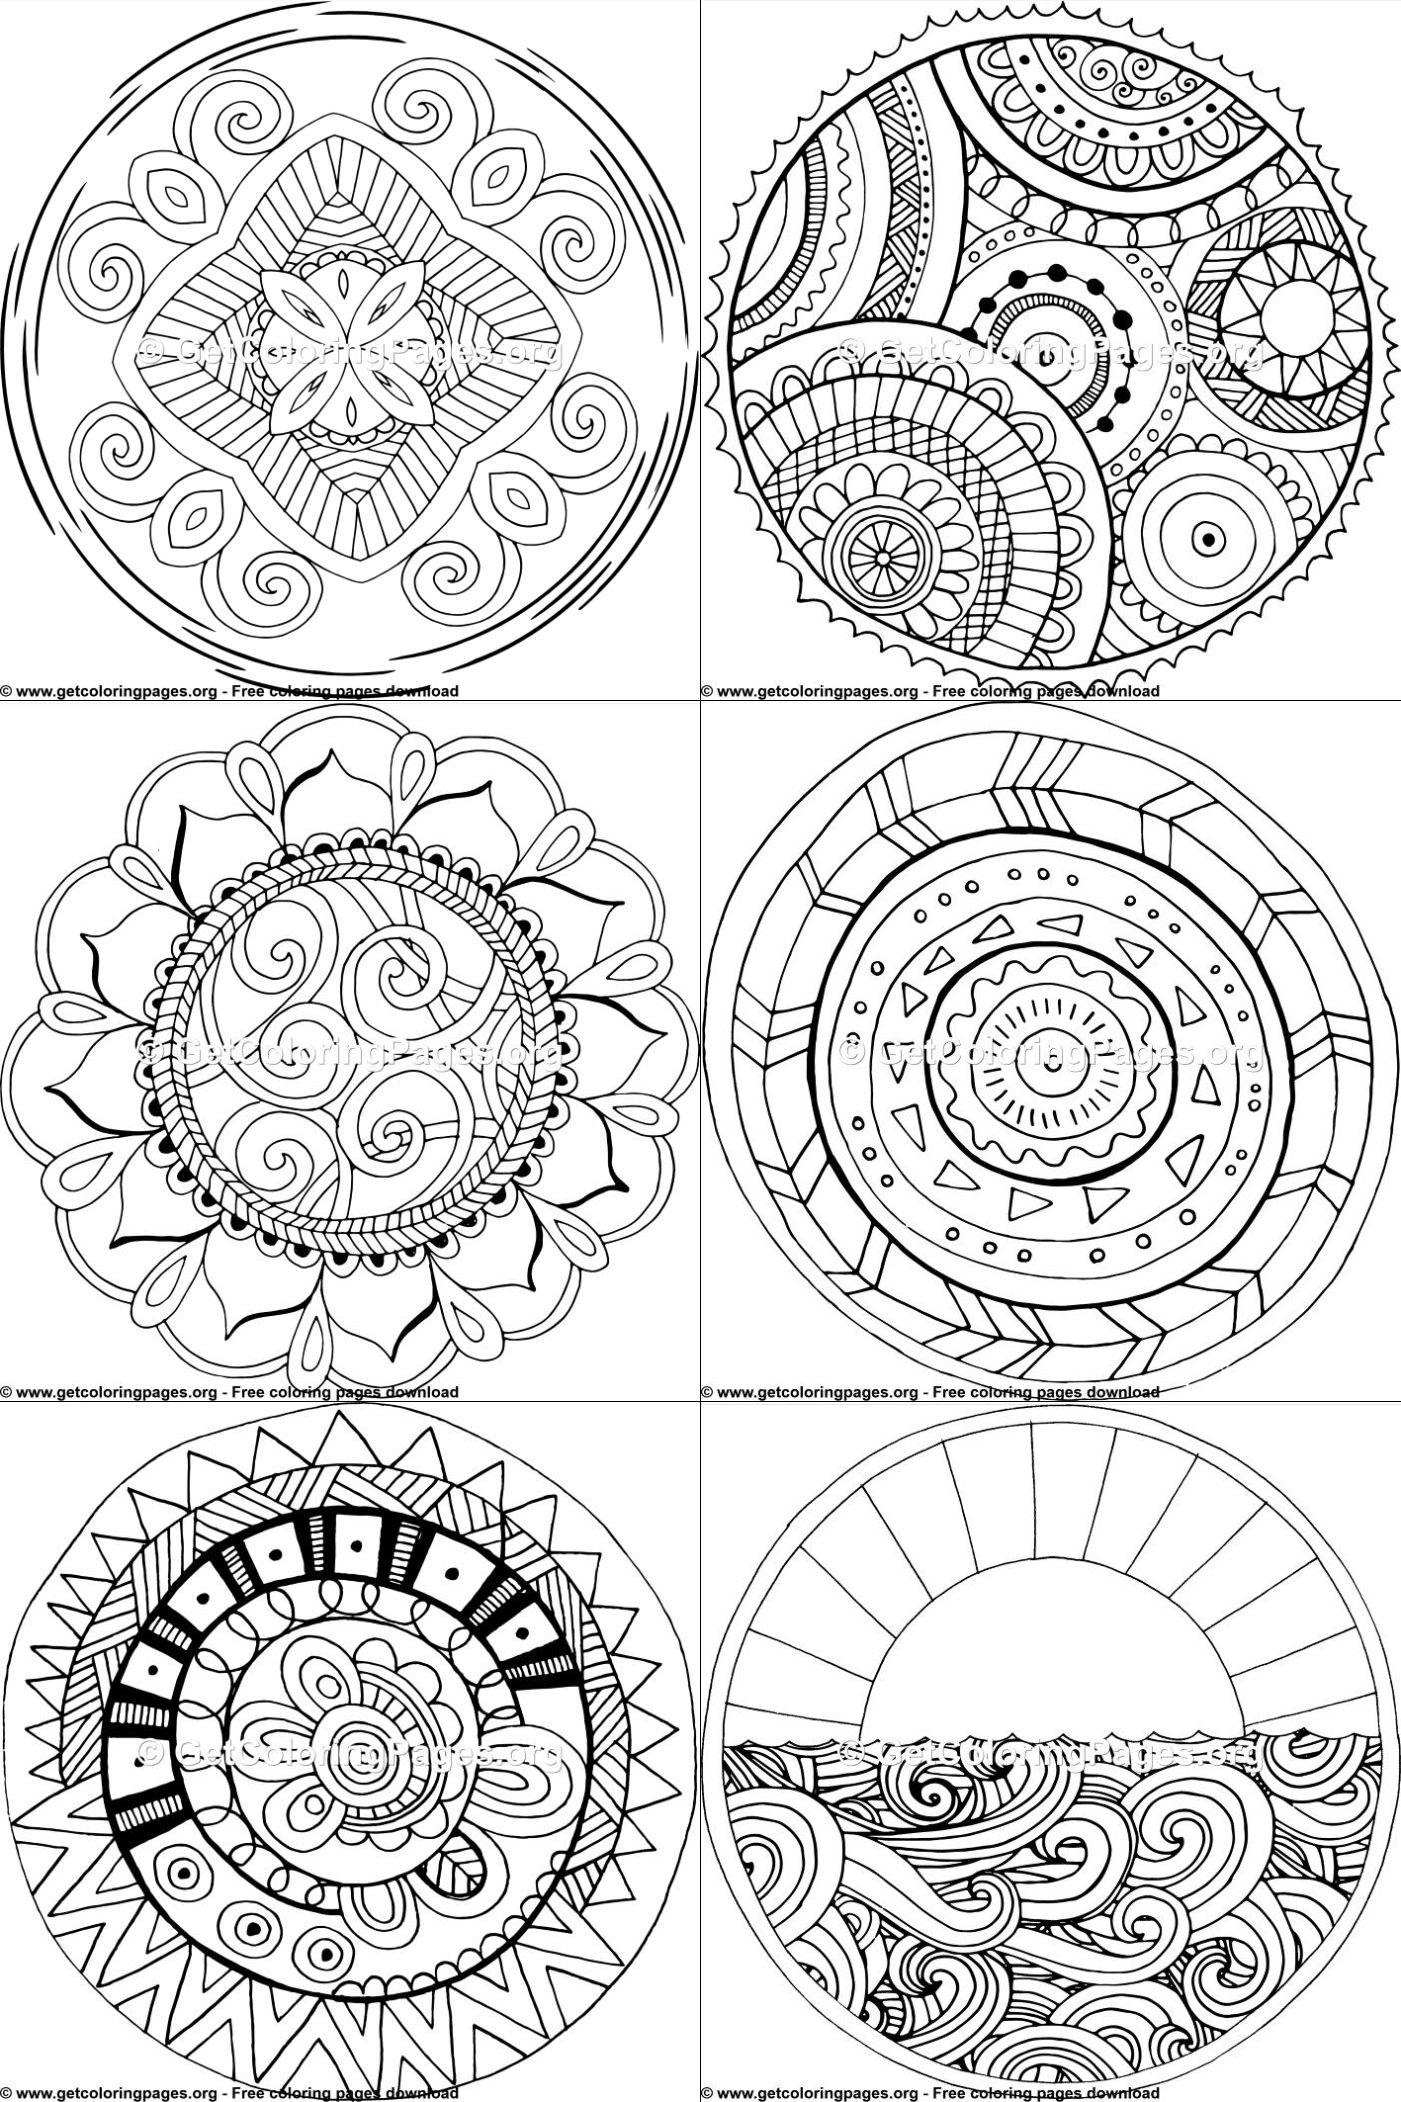 mandalas design pattern free printables free downloads. Black Bedroom Furniture Sets. Home Design Ideas